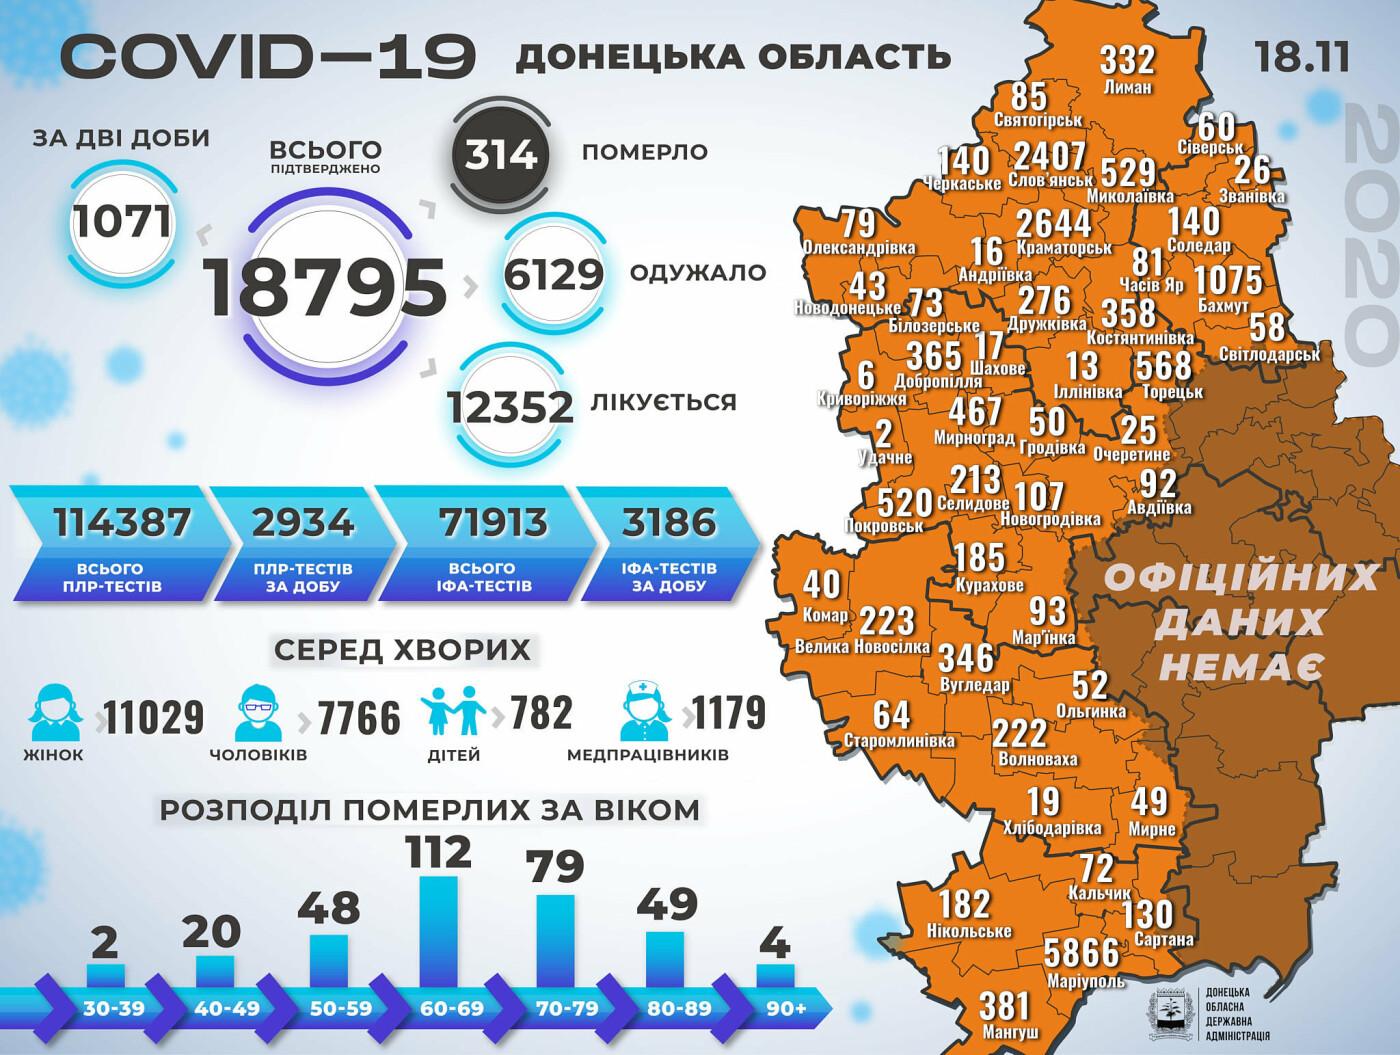 В Донецкой области за двое суток коронавирус унес 39 жизней, 1071 новый случай, фото-1